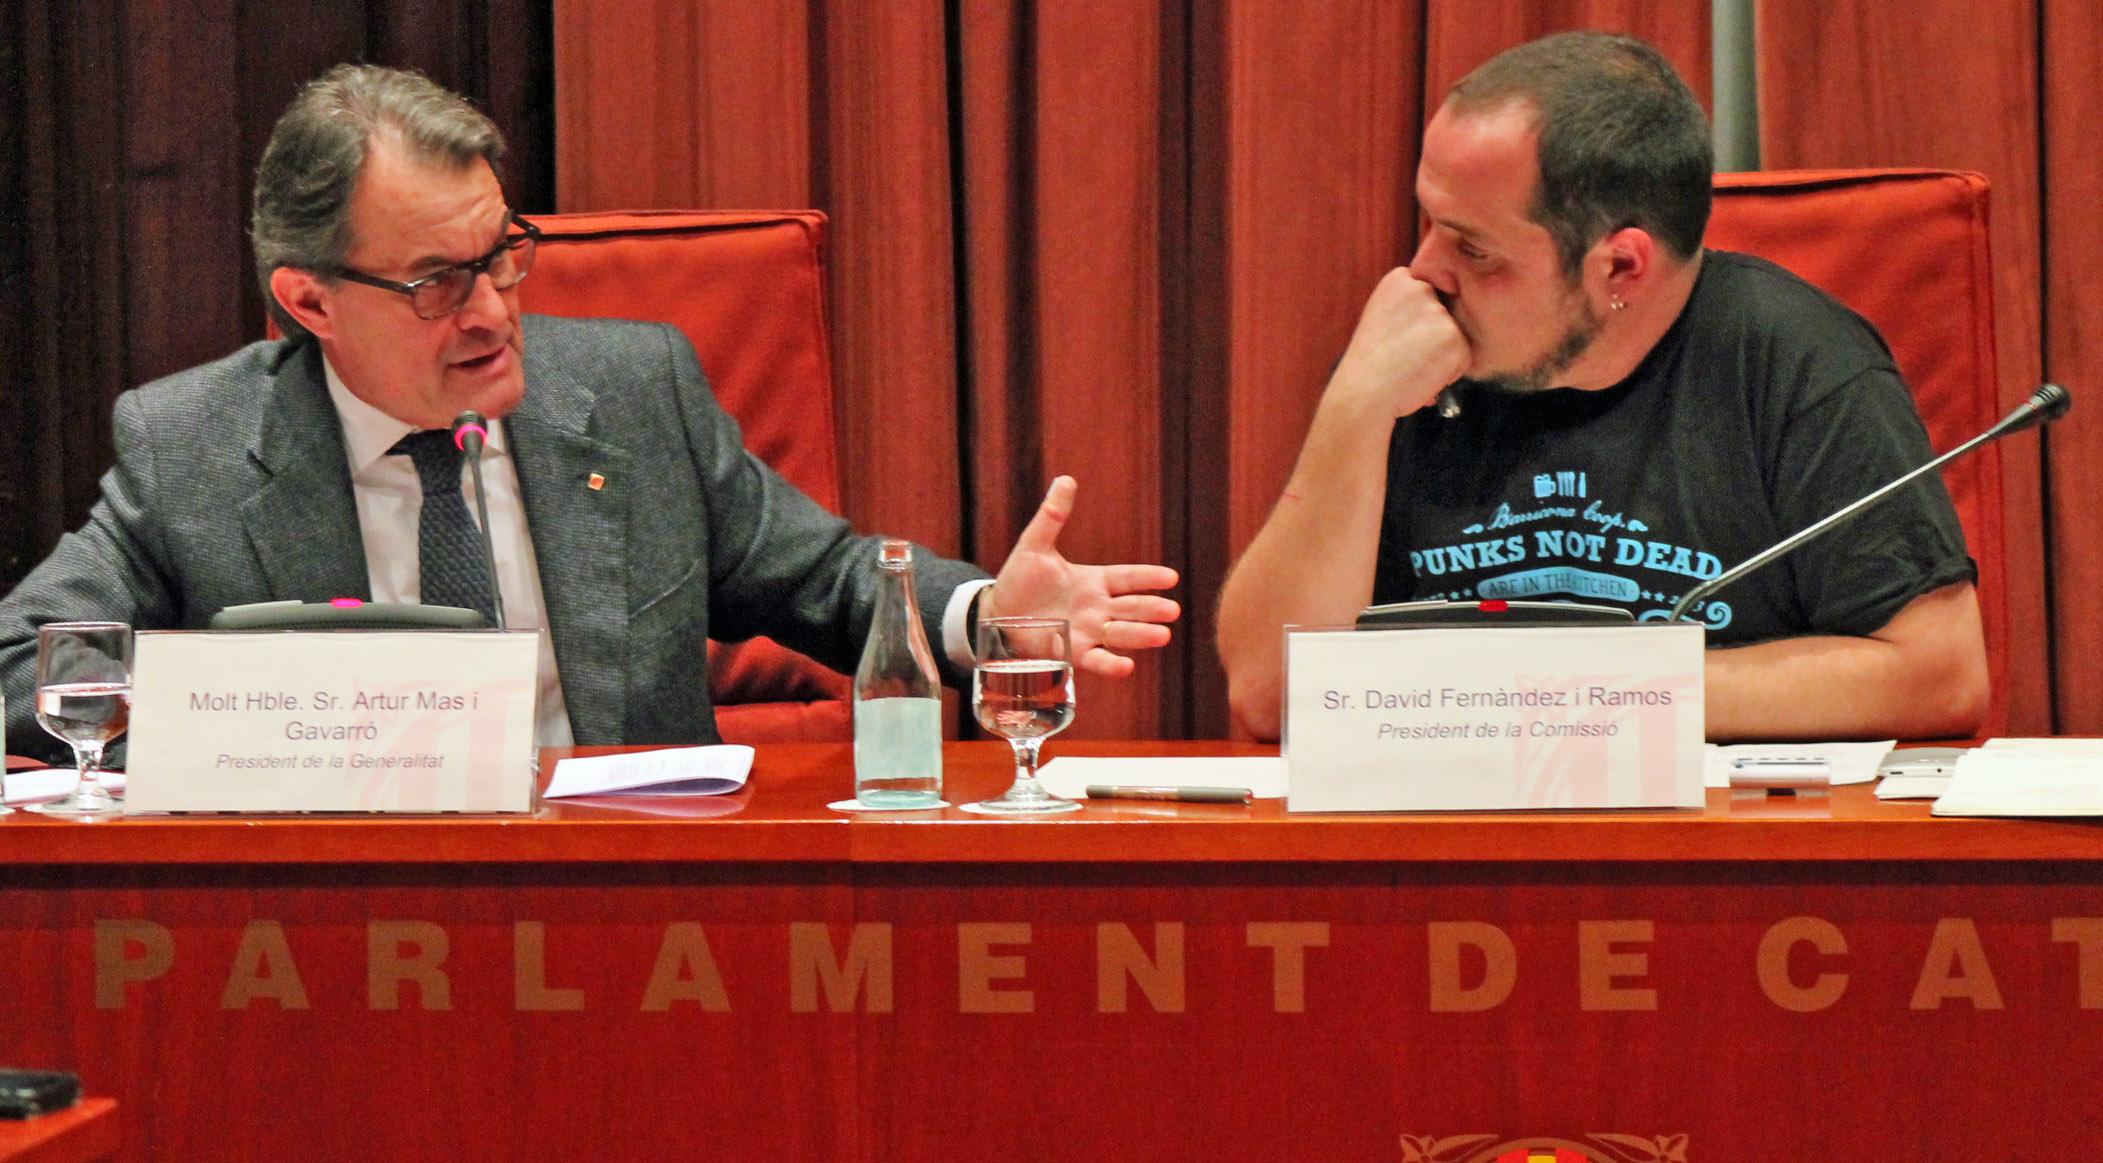 Foto: Parlament de Catalunya.